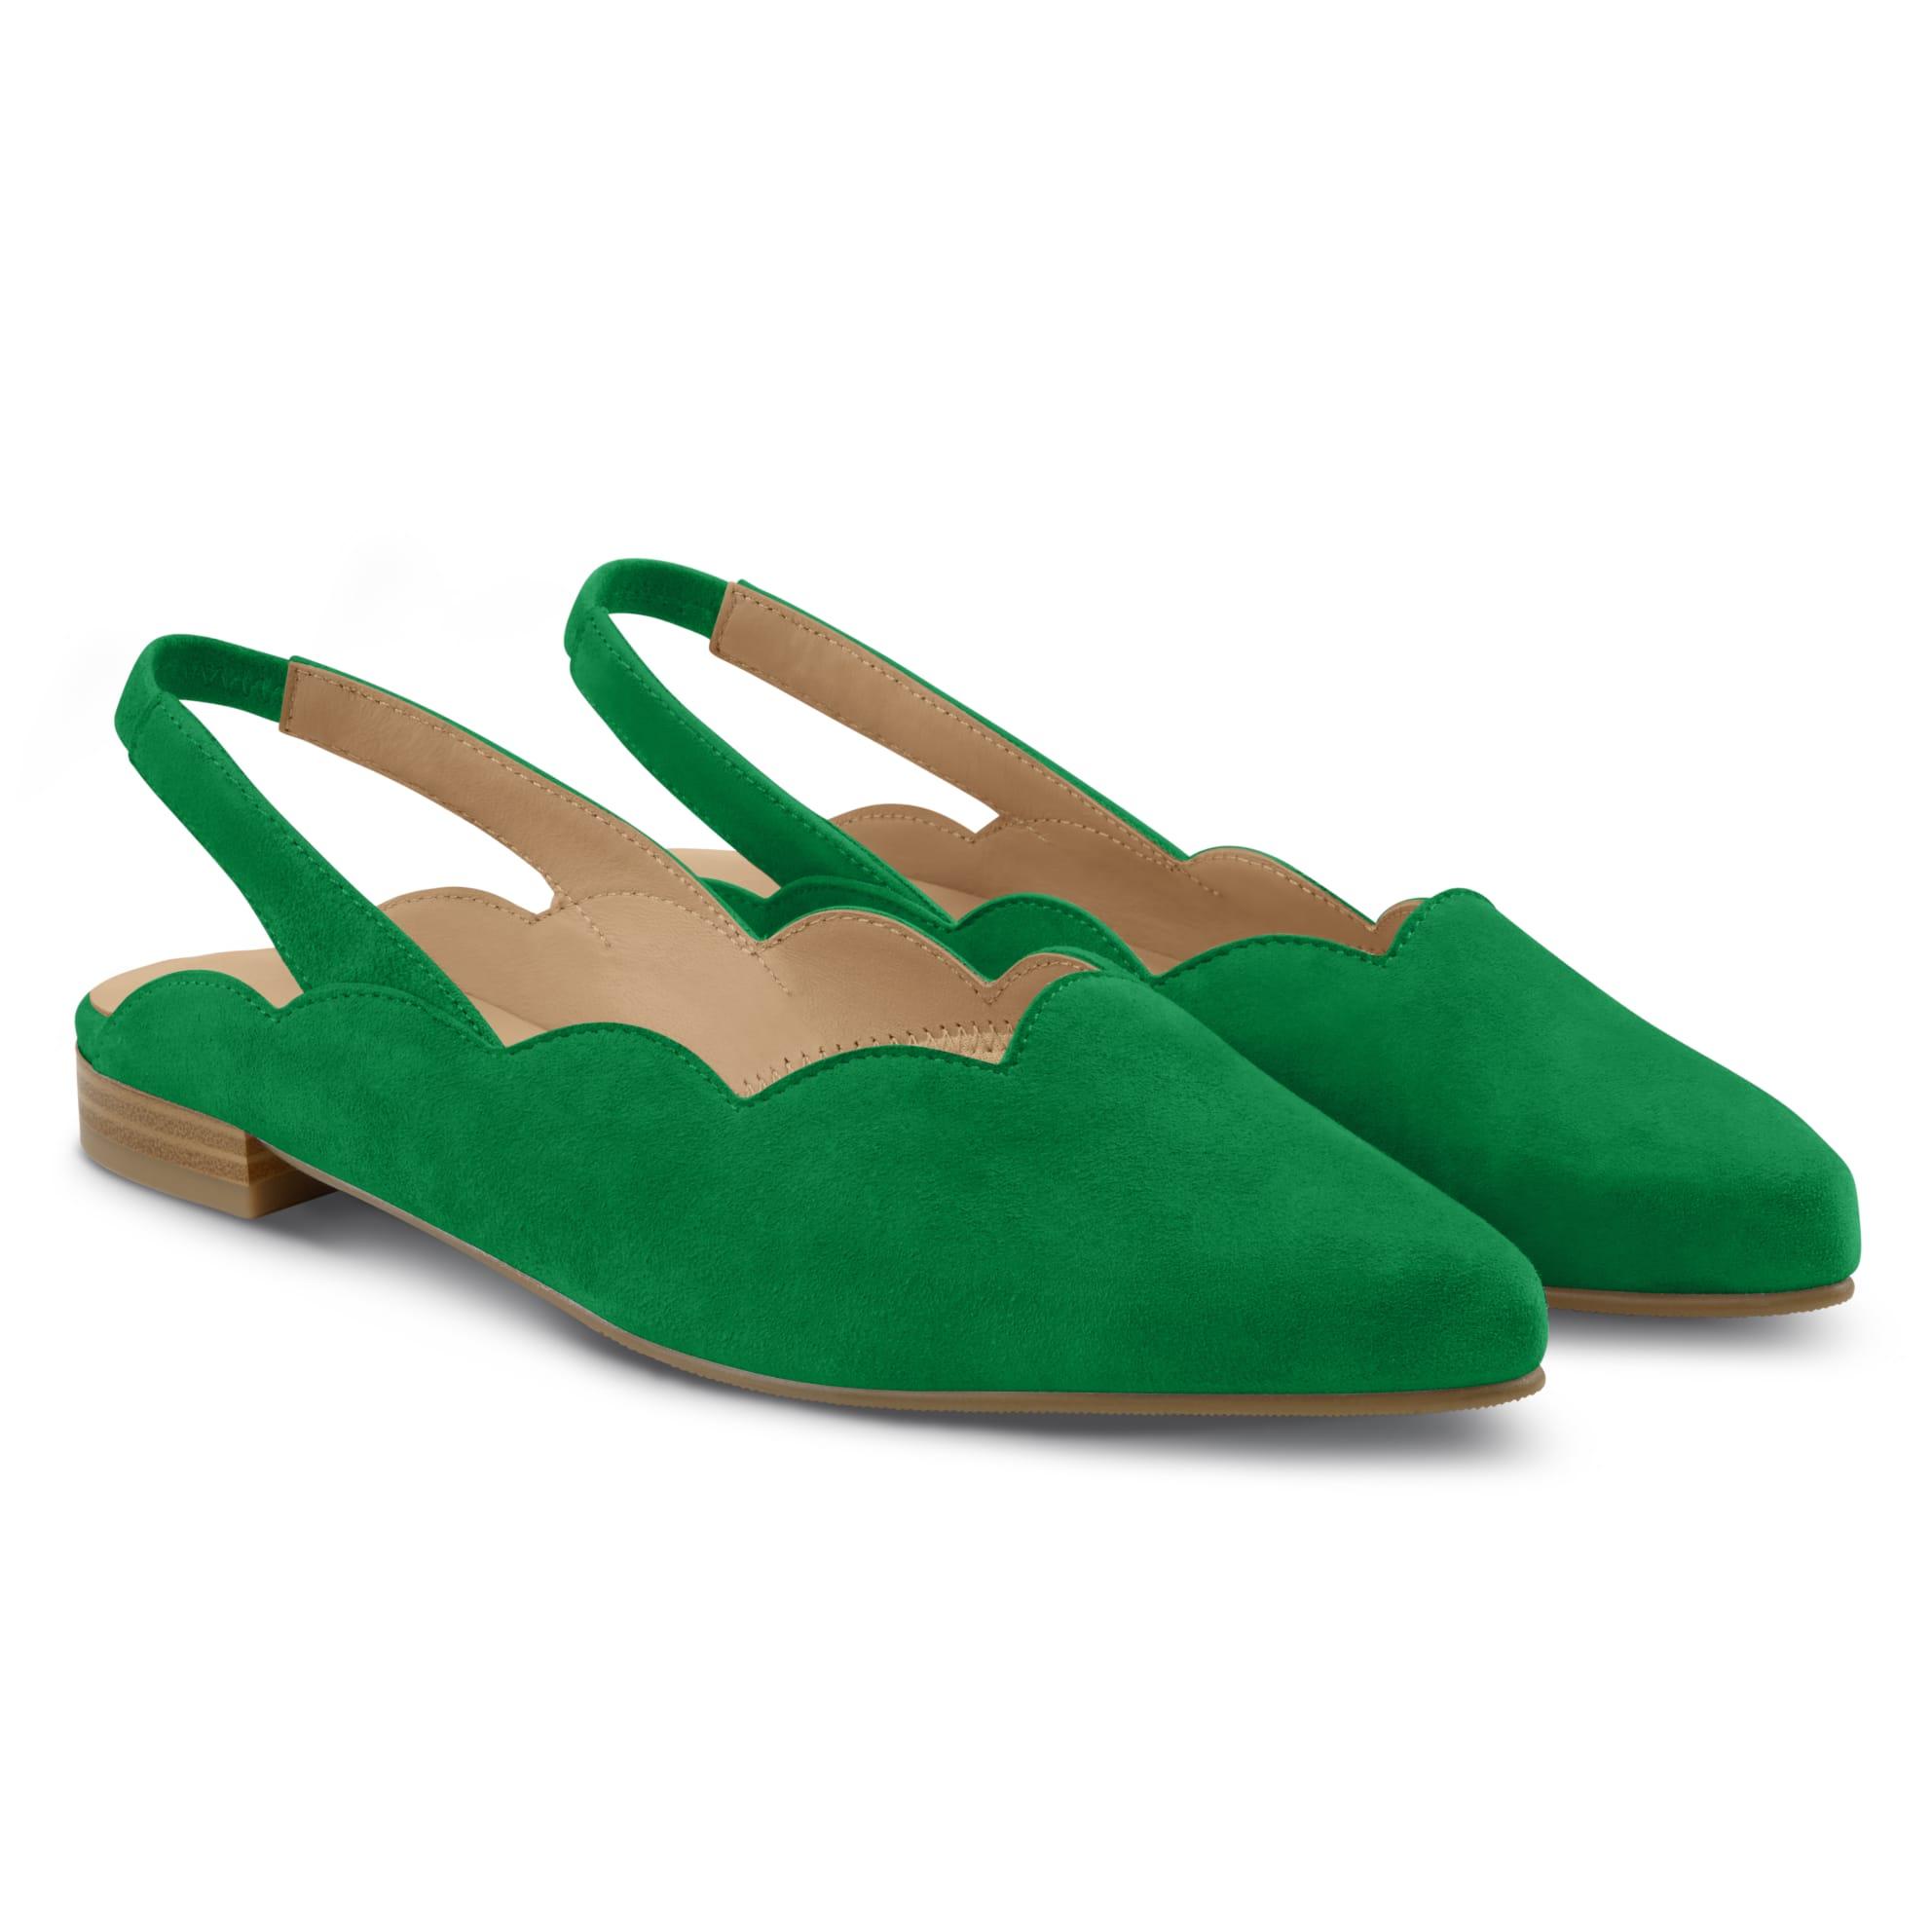 Sling Ballerina Wave Grün – modischer und bequemer Schuh für Hallux valgus und empfindliche Füße von LaShoe.de